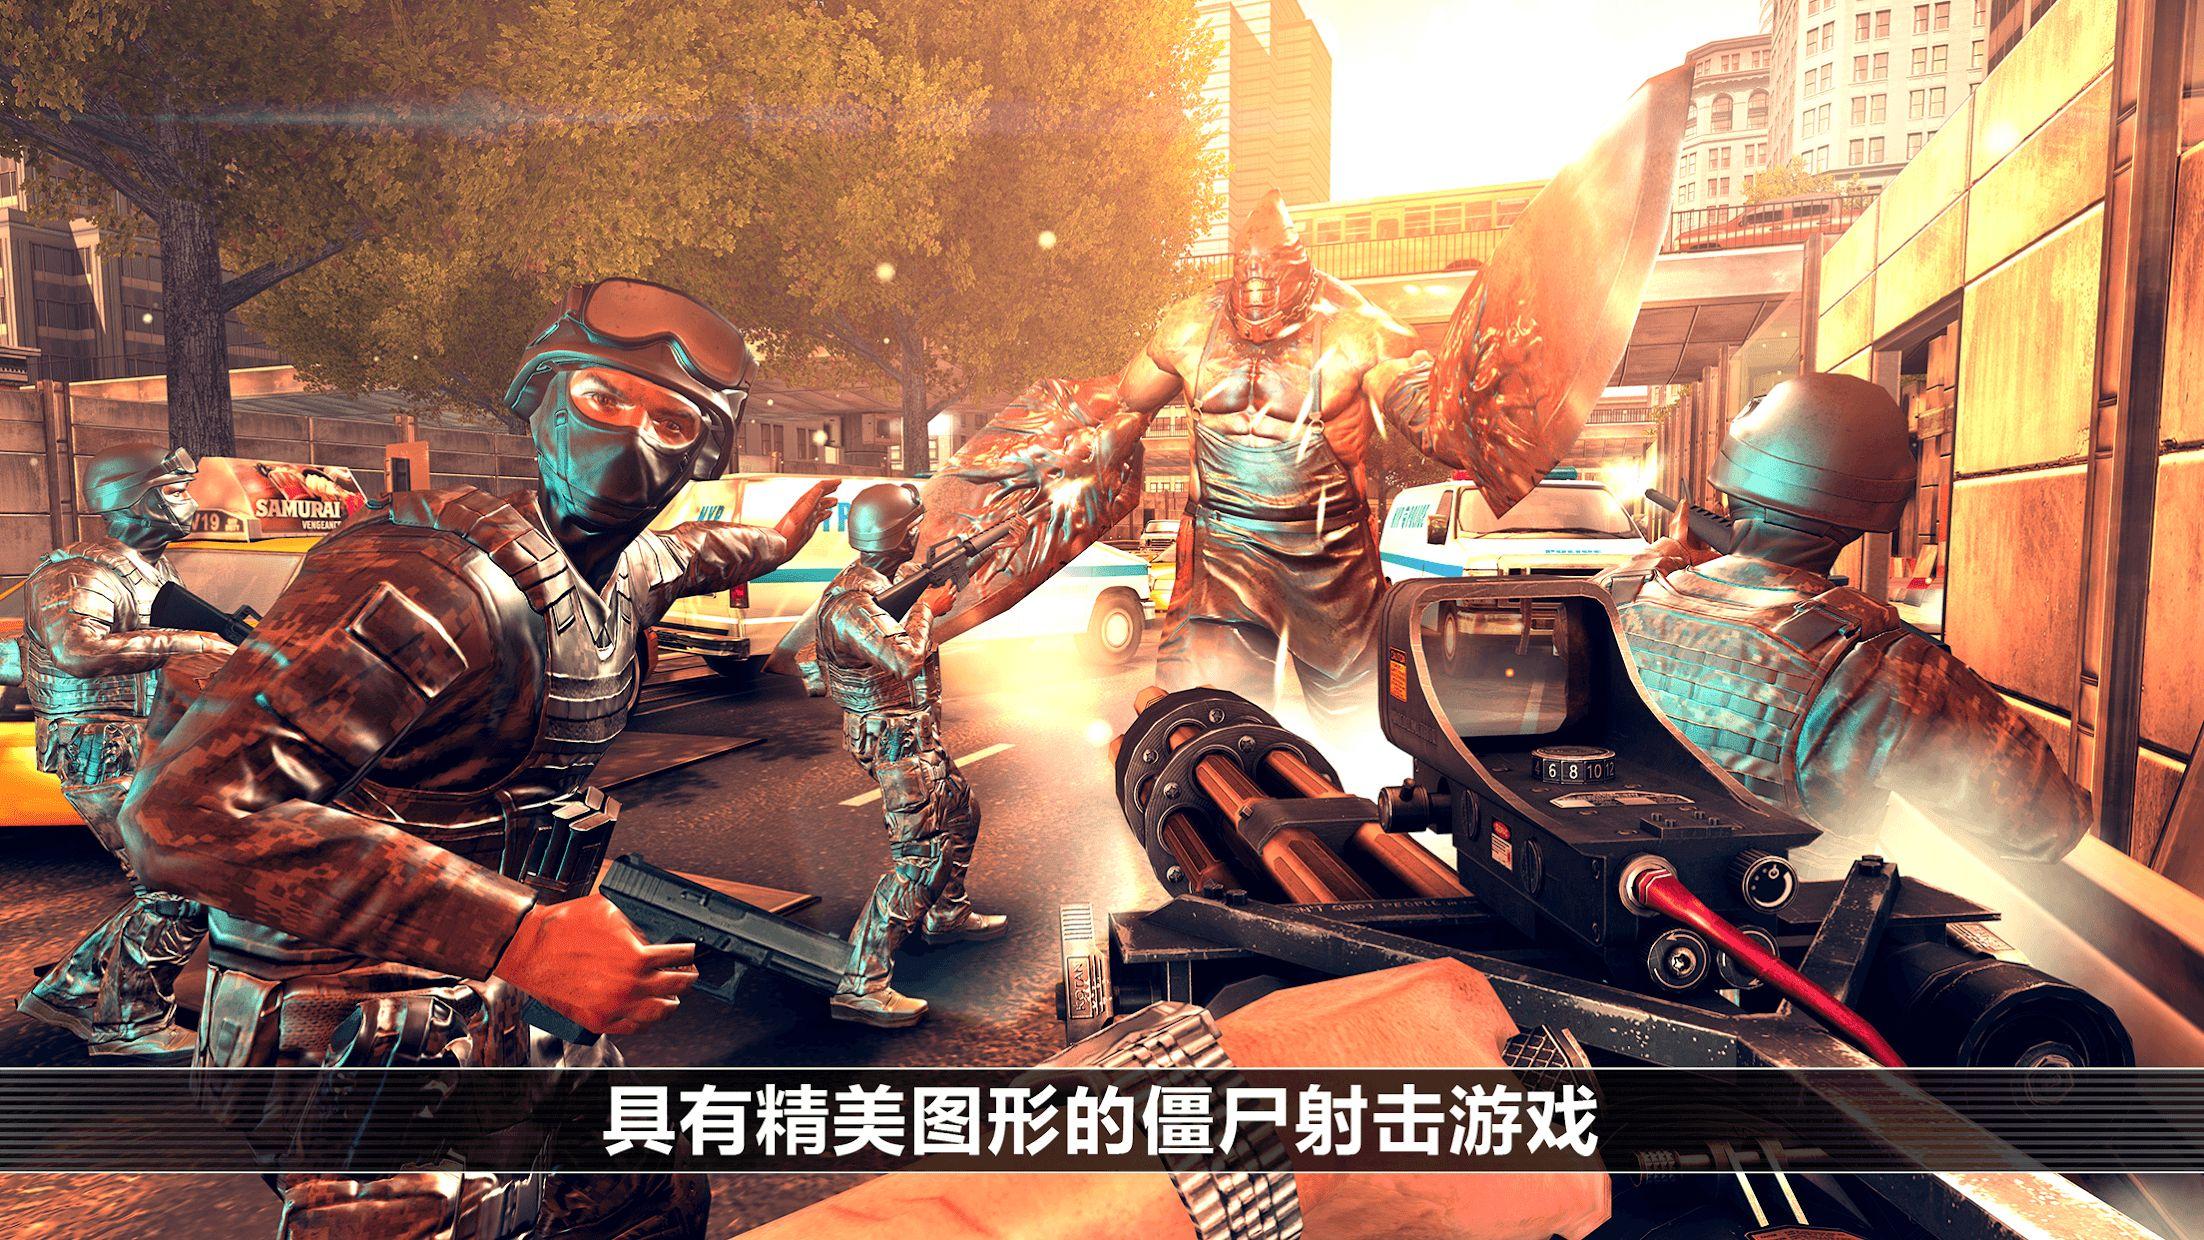 全境危机:都市生存射击游戏 游戏截图1